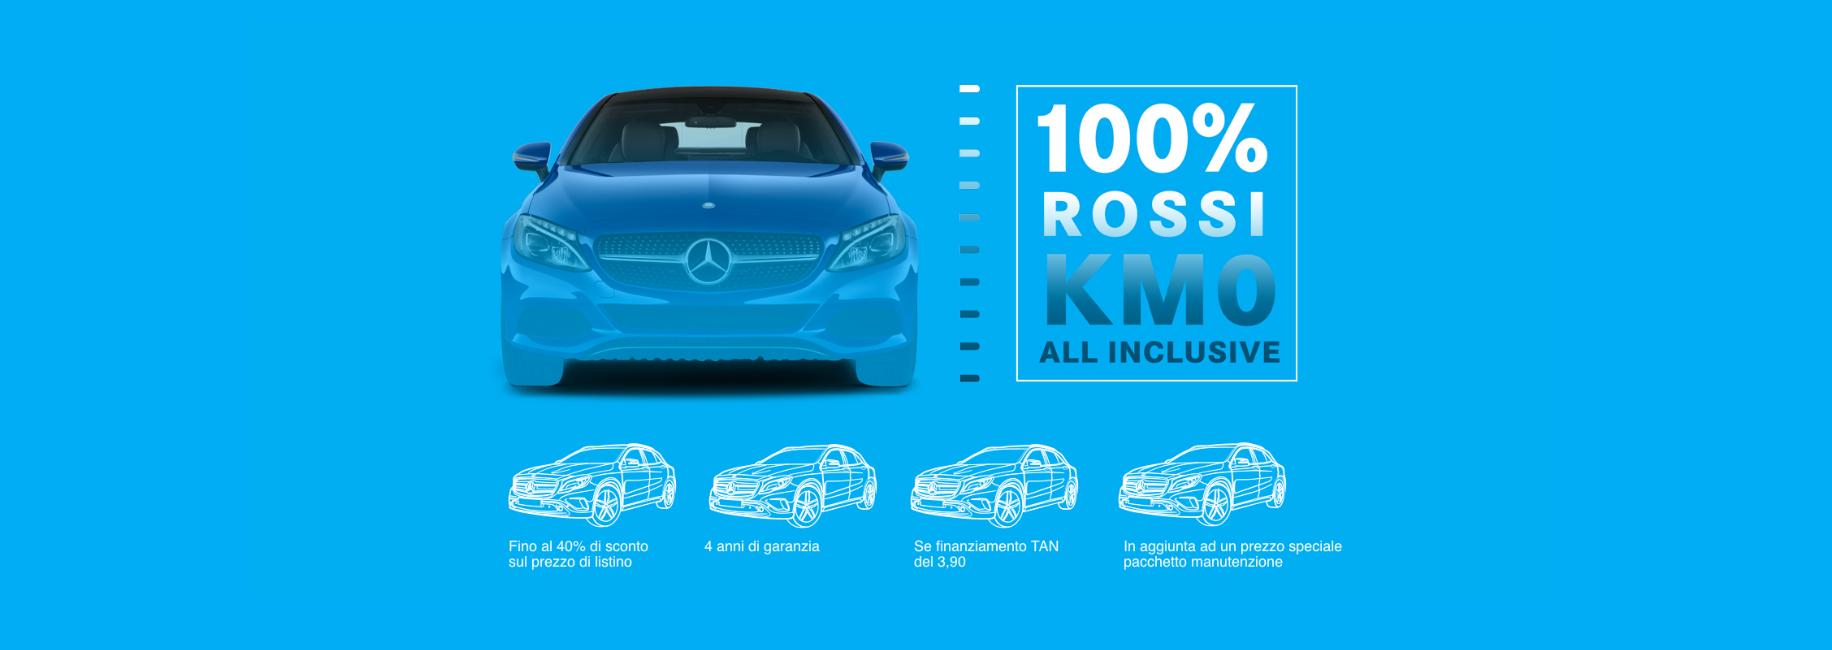 Rossi100 km0